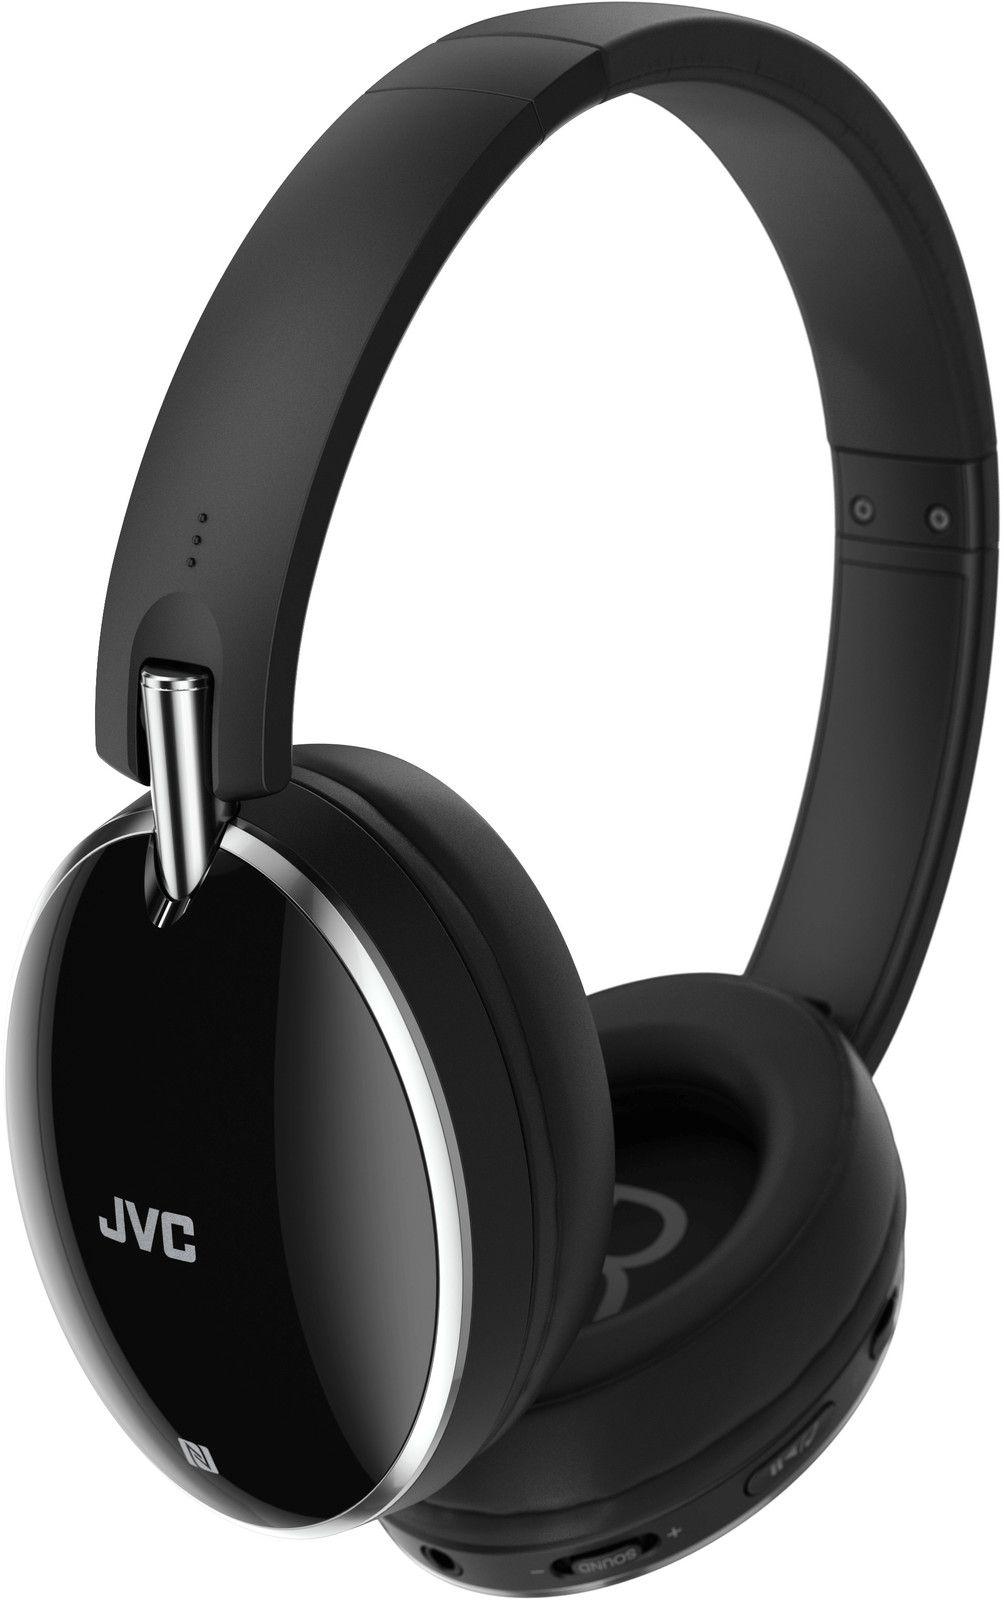 JVC S90 Over-ear